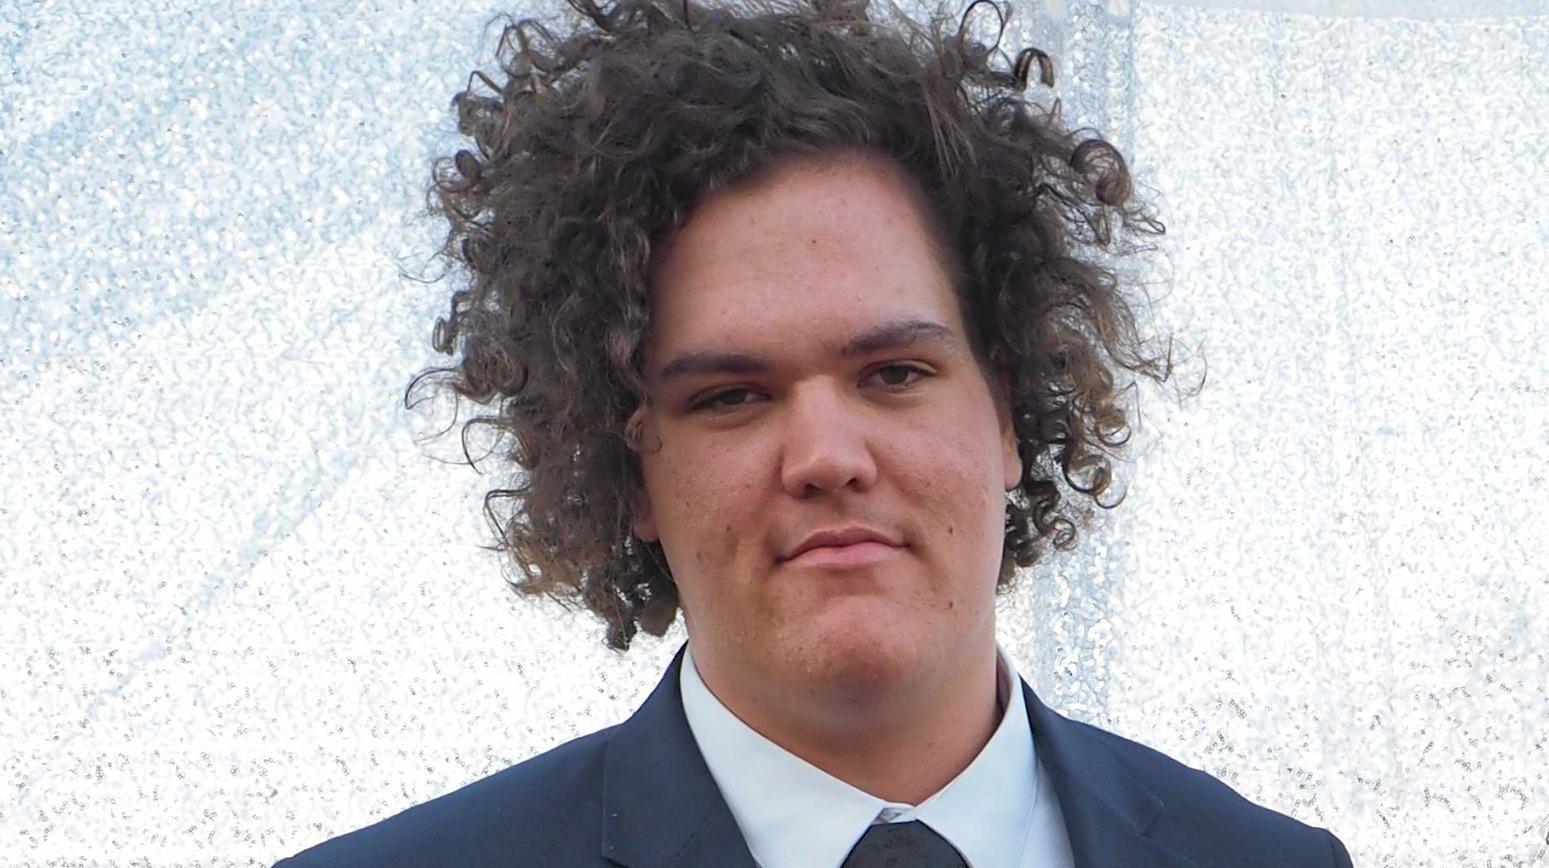 Rockhampton High Formal: Jake Steere.